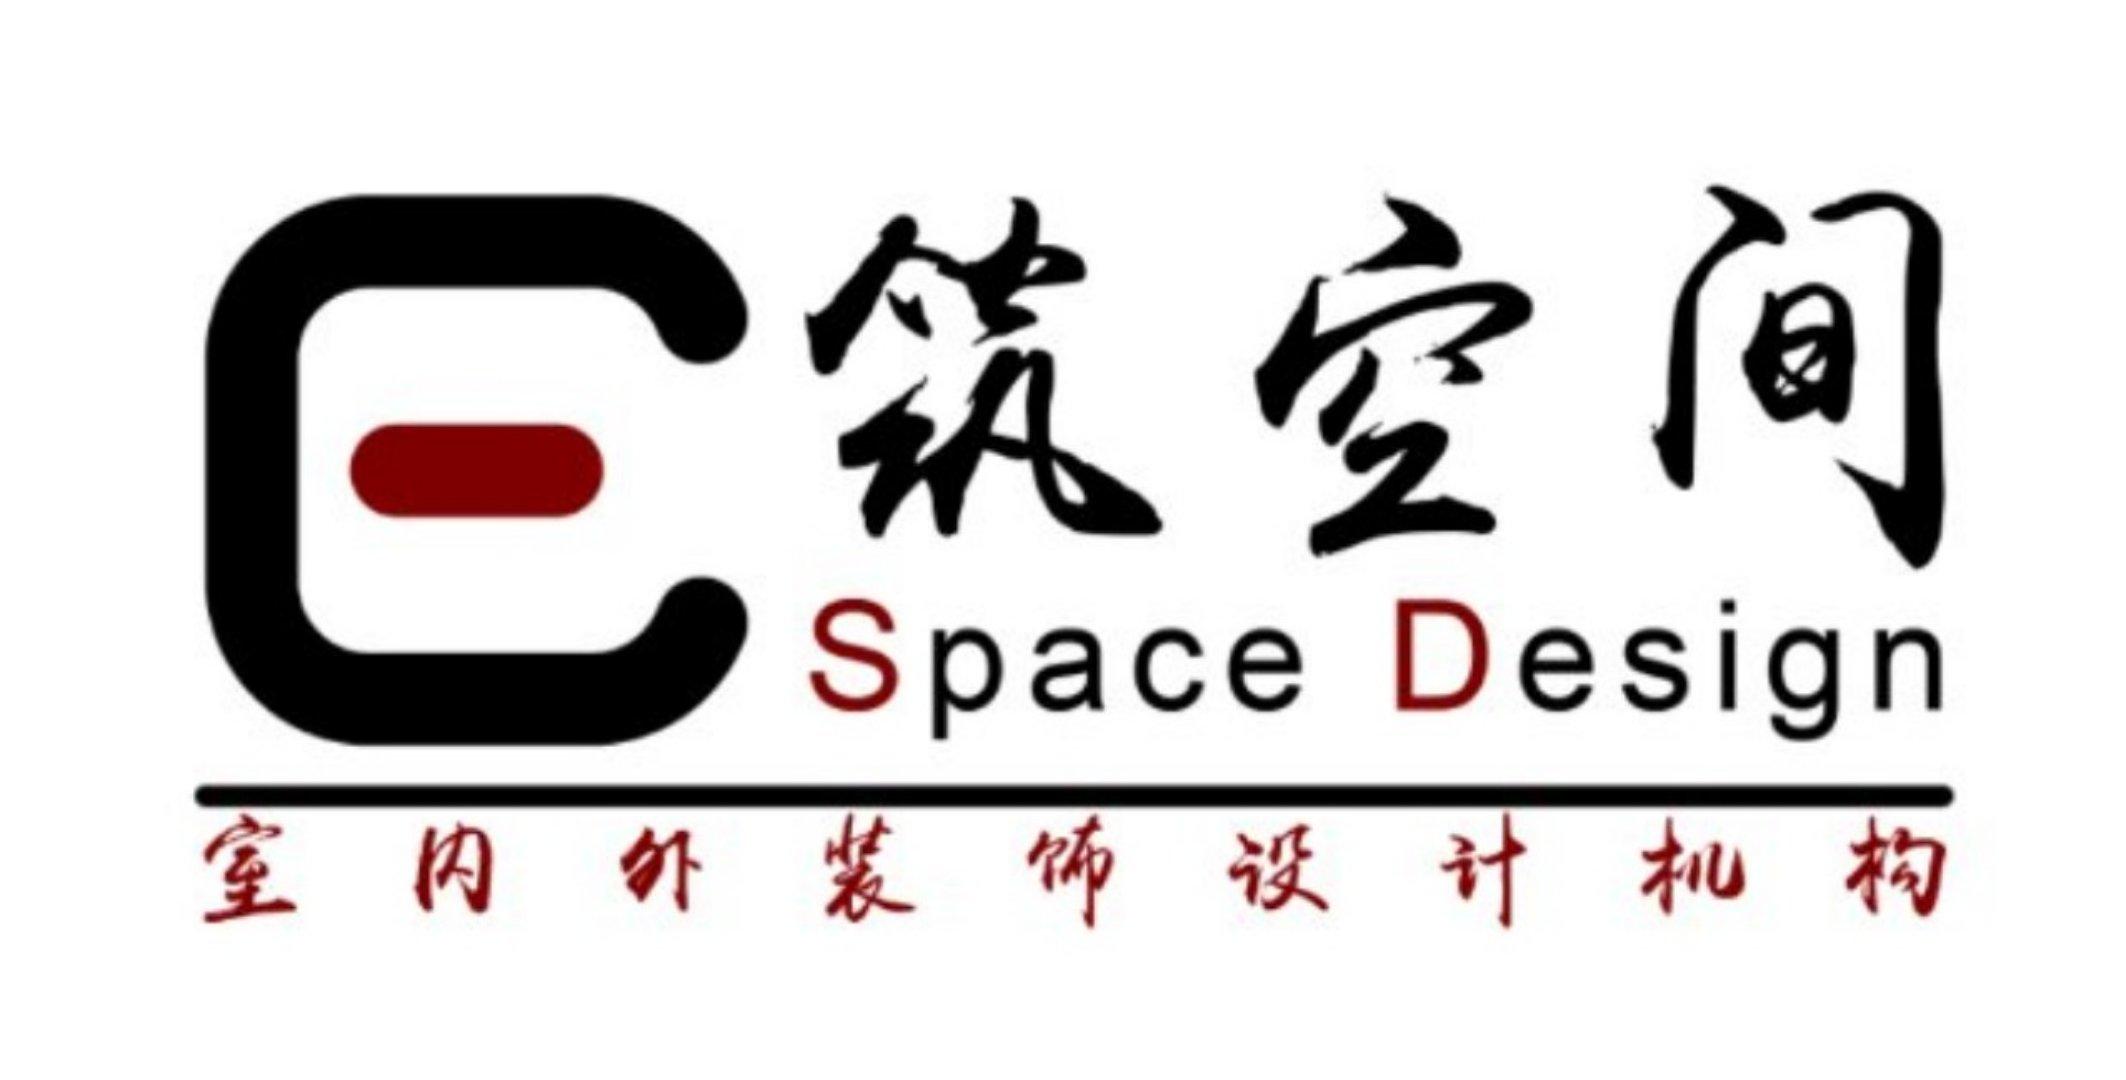 秦皇岛市筑空间装饰设计有限公司